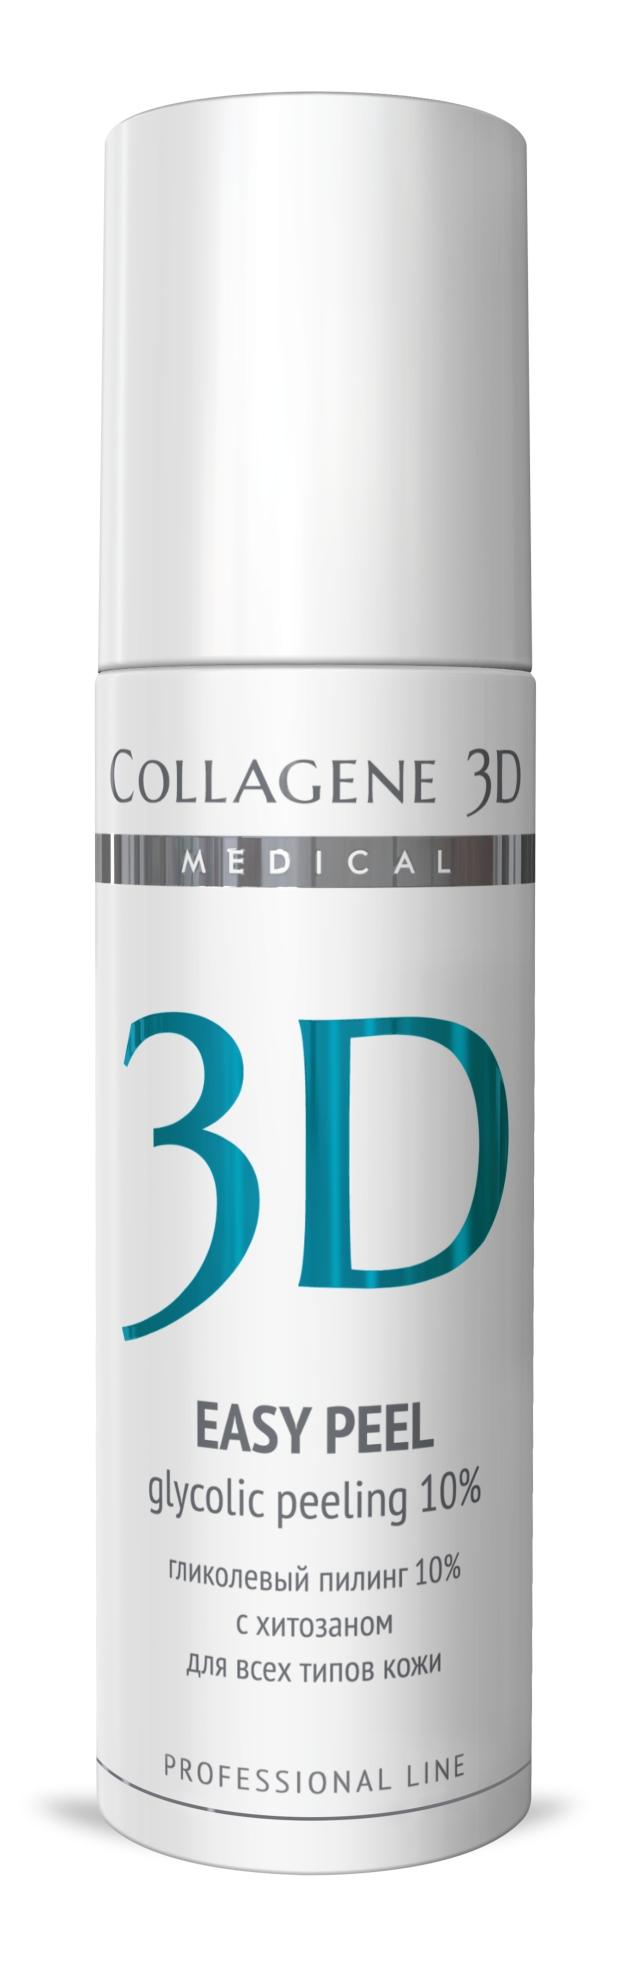 """MEDICAL COLLAGENE 3D Гель-пилинг с хитозаном на основе гликолевой кислоты 10% (pH 2,8) """"Easy Peel"""" 130мл проф."""